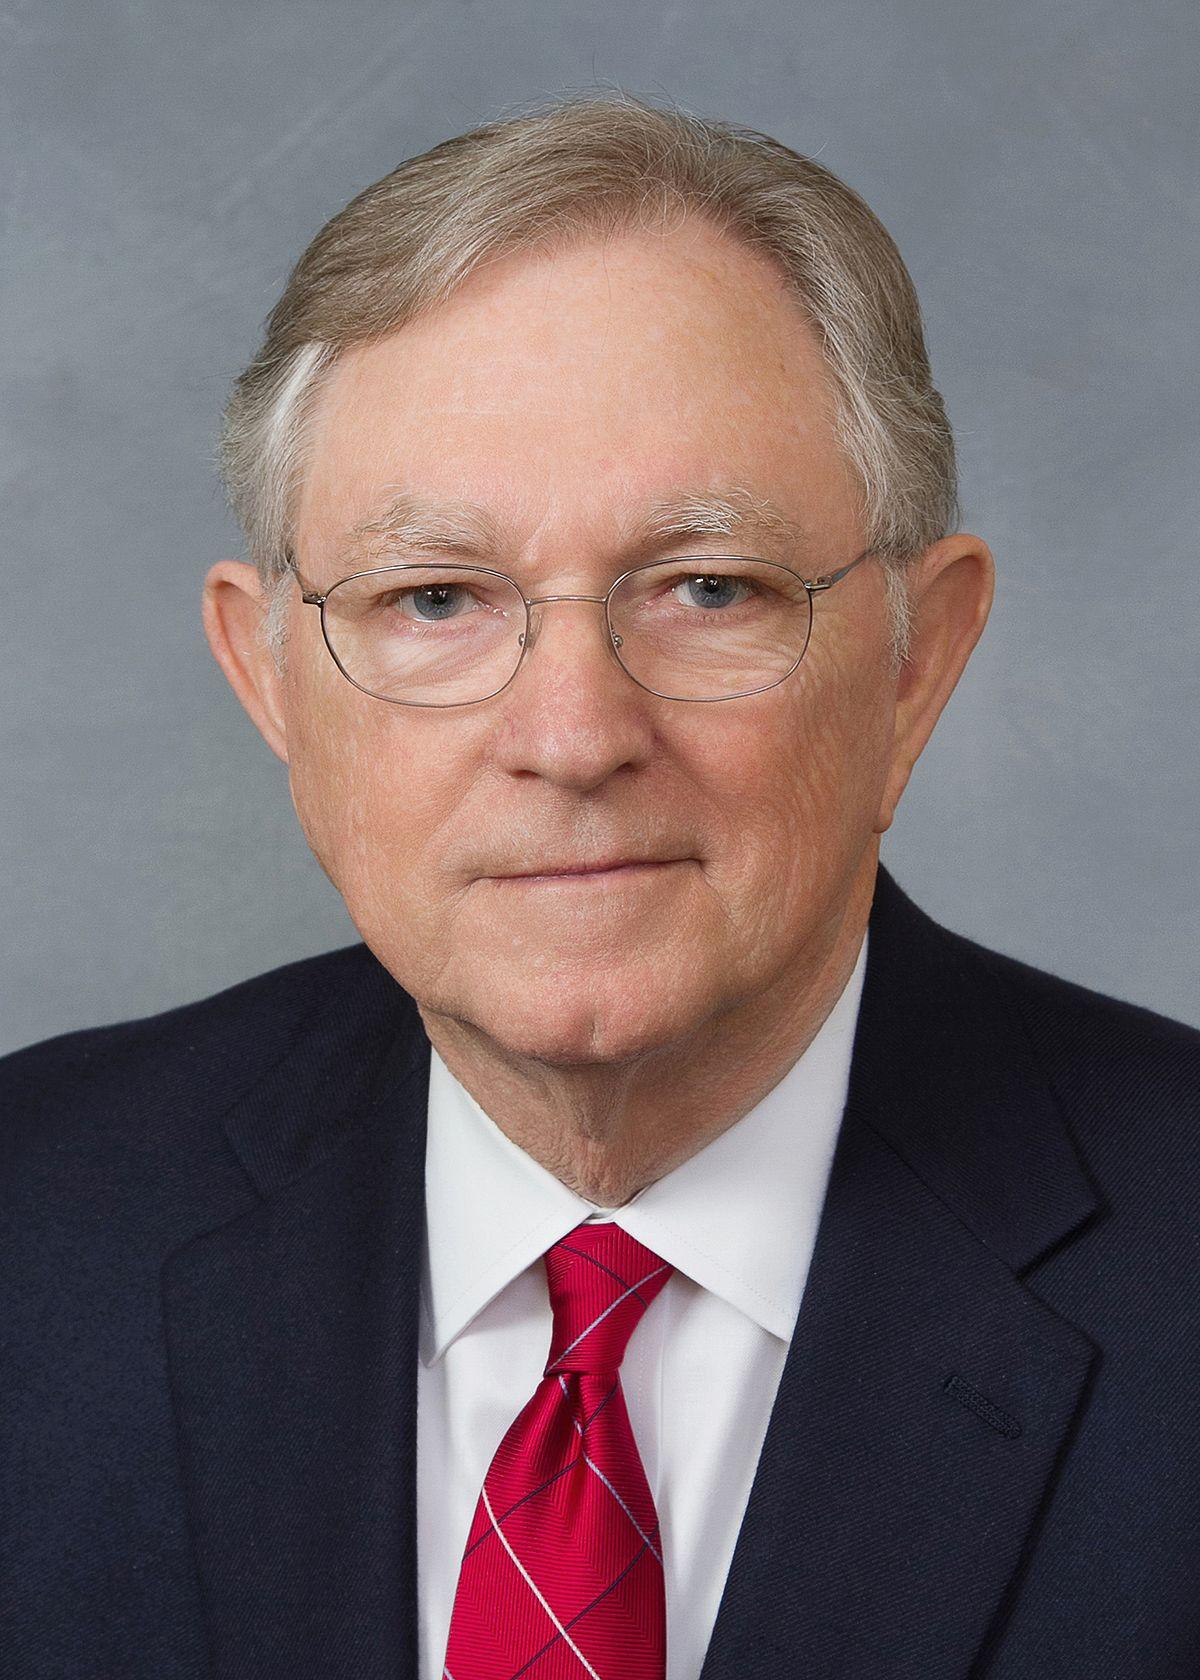 James Langdon Jr  Wikipedia